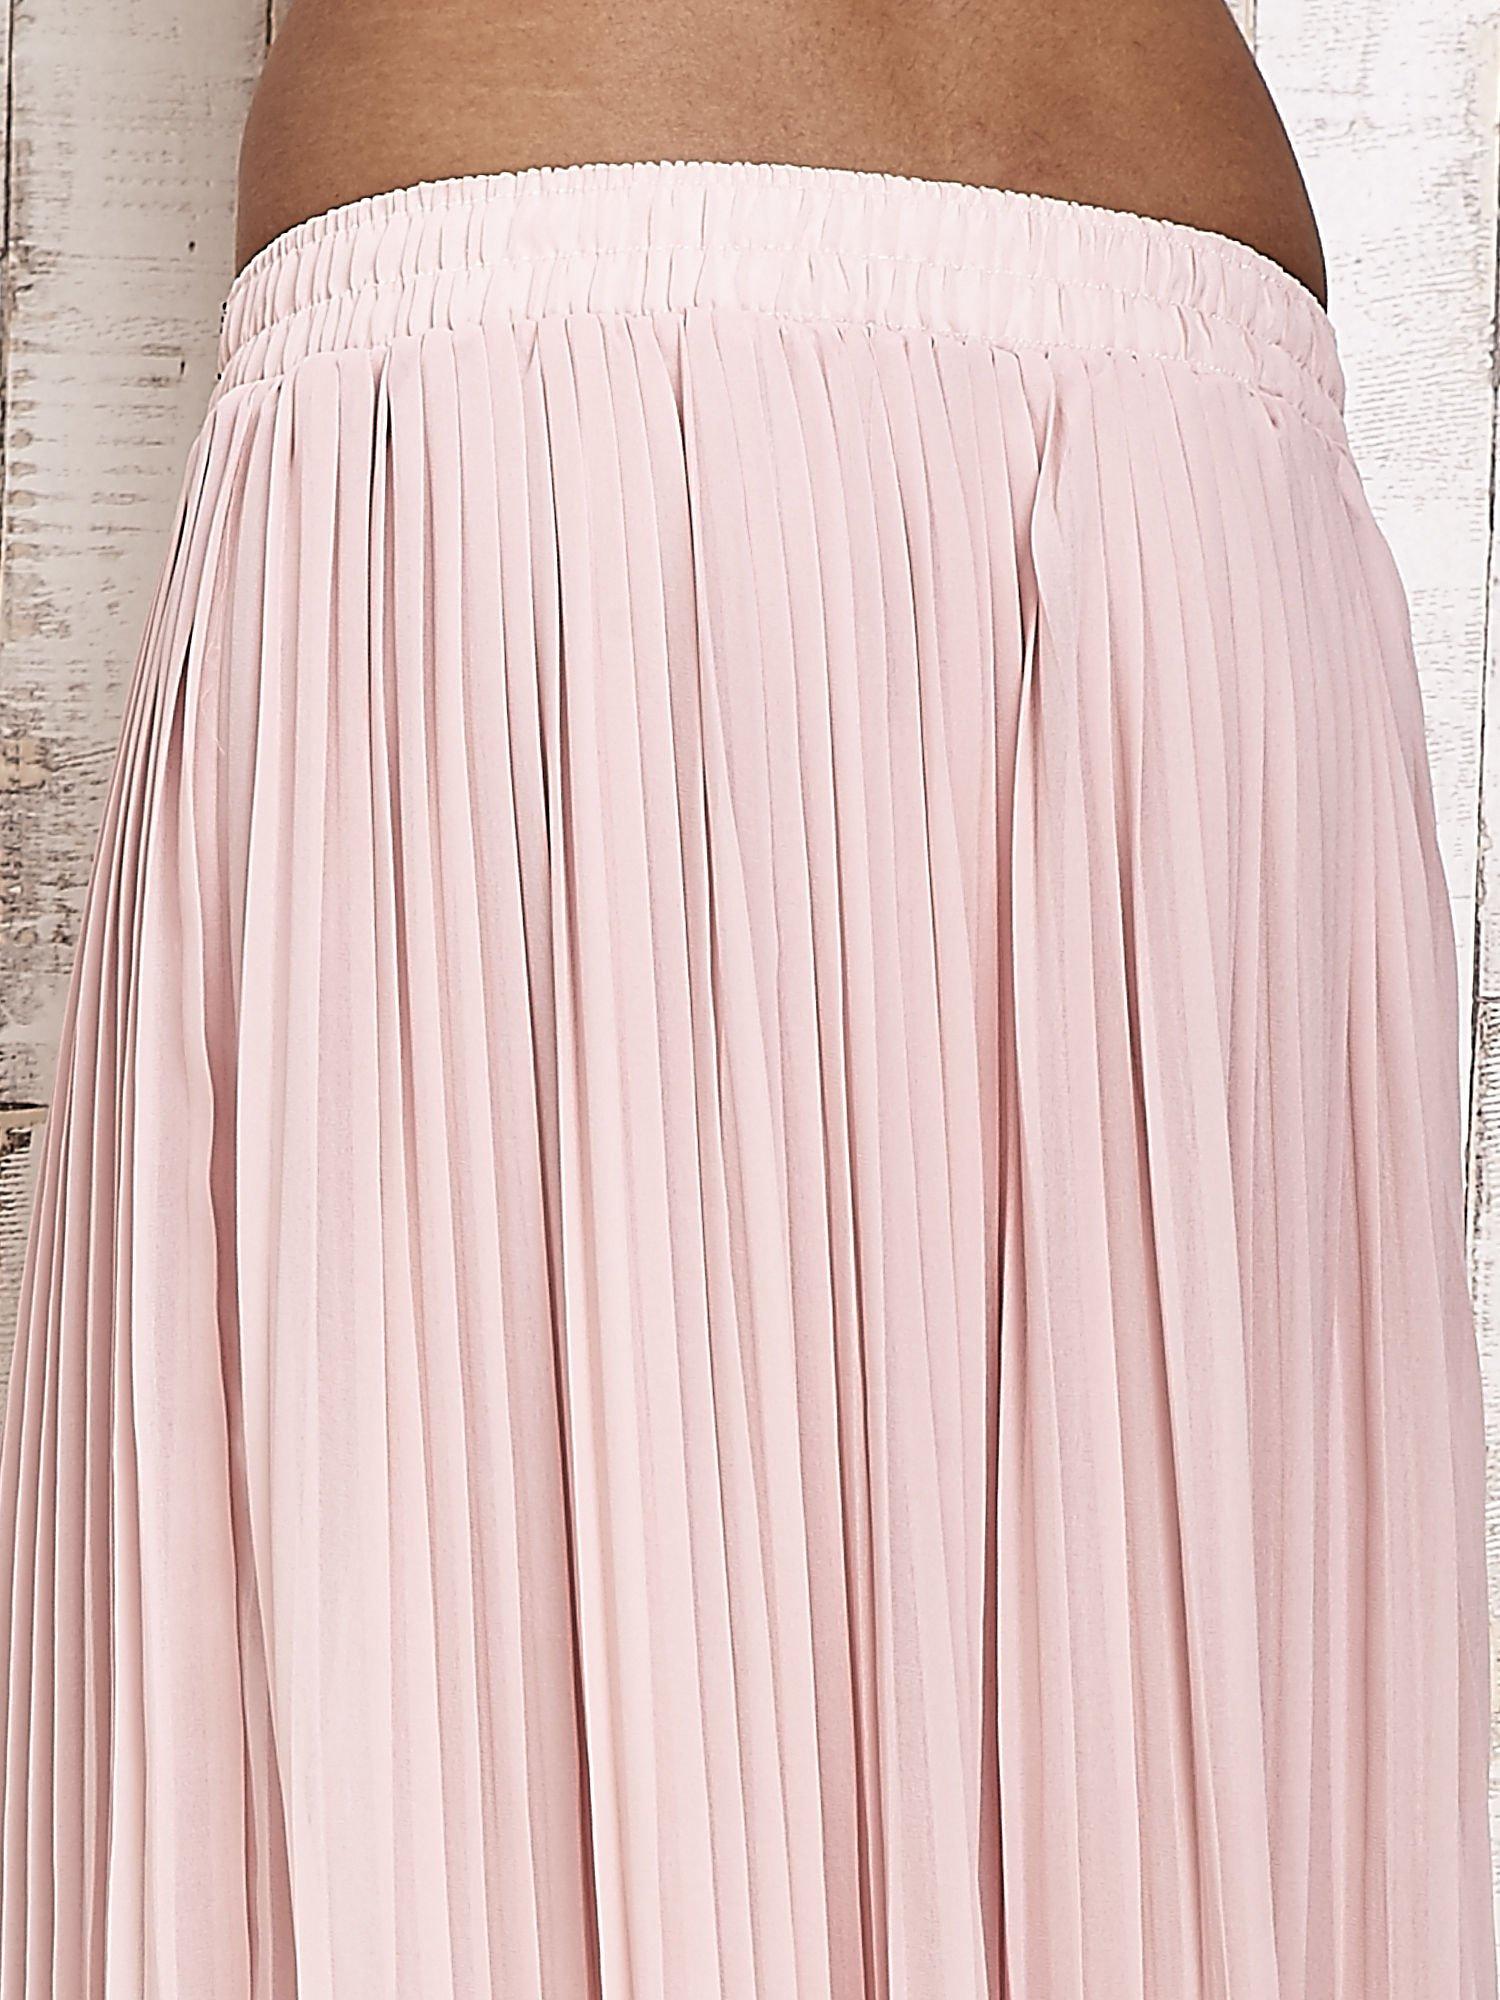 Jasnoróżowa spódnica maxi plisowana z dżetami w pasie                                  zdj.                                  5